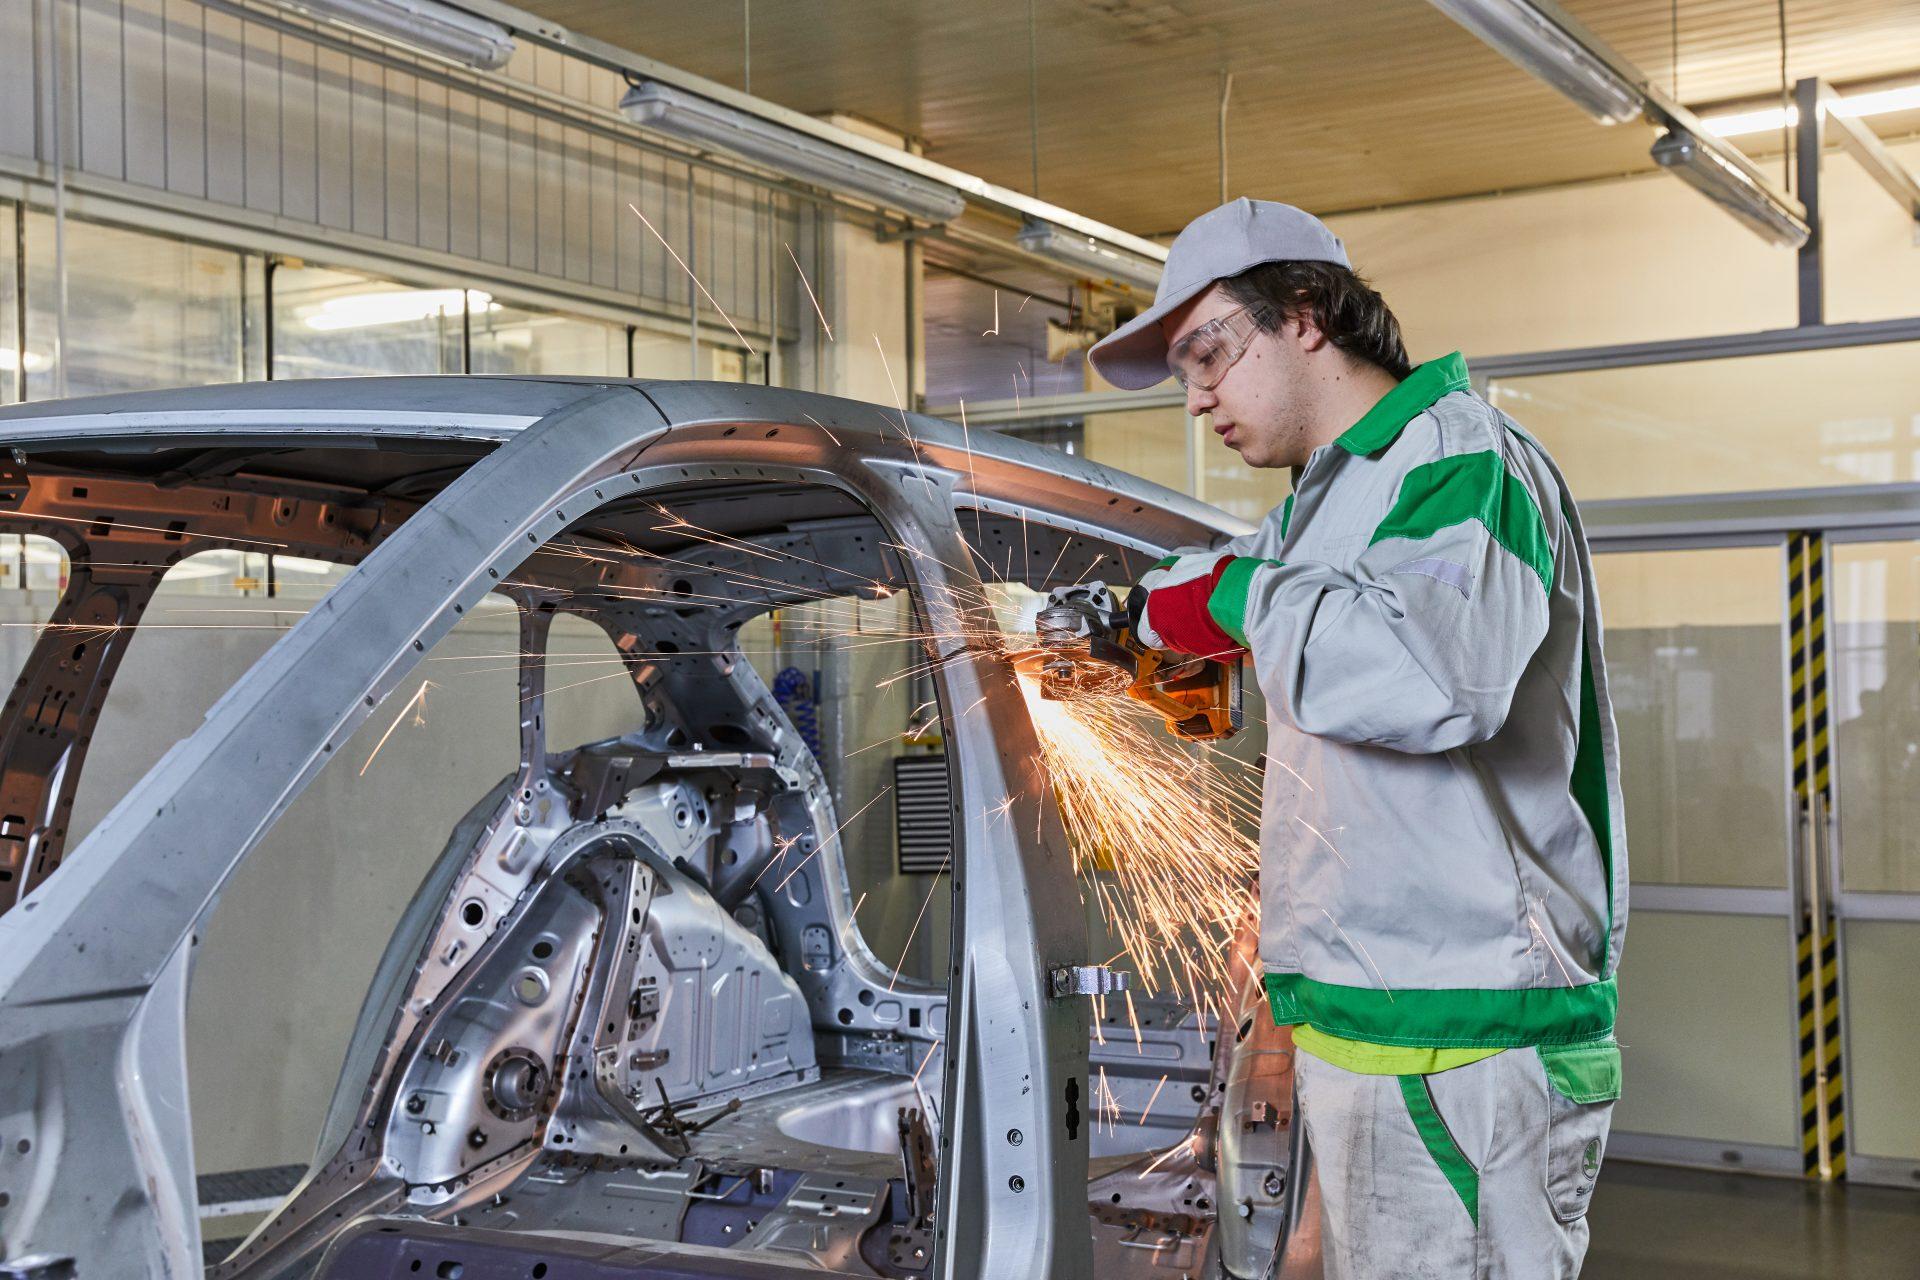 Škoda Slavia je ďalším zaujímavým projektom študentov MfugxrRKCX 02skodaslaviaassembly-1920x1280